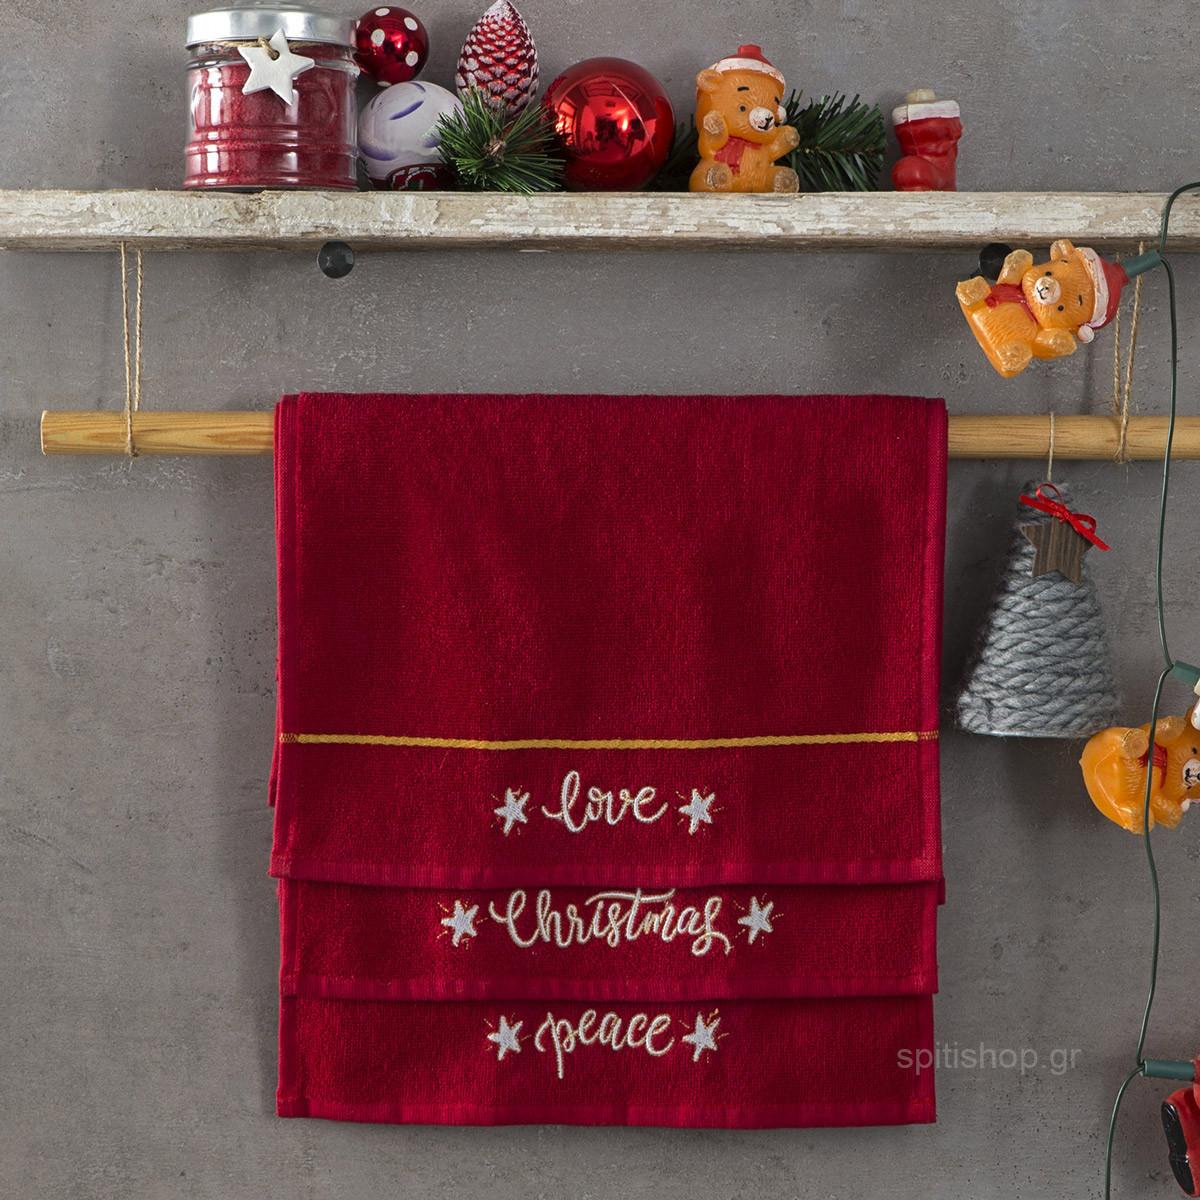 Χριστουγεννιάτικες Πετσέτες (Σετ 3τμχ) Nima Carols home   χριστουγεννιάτικα   χριστουγεννιάτικα είδη μπάνιου